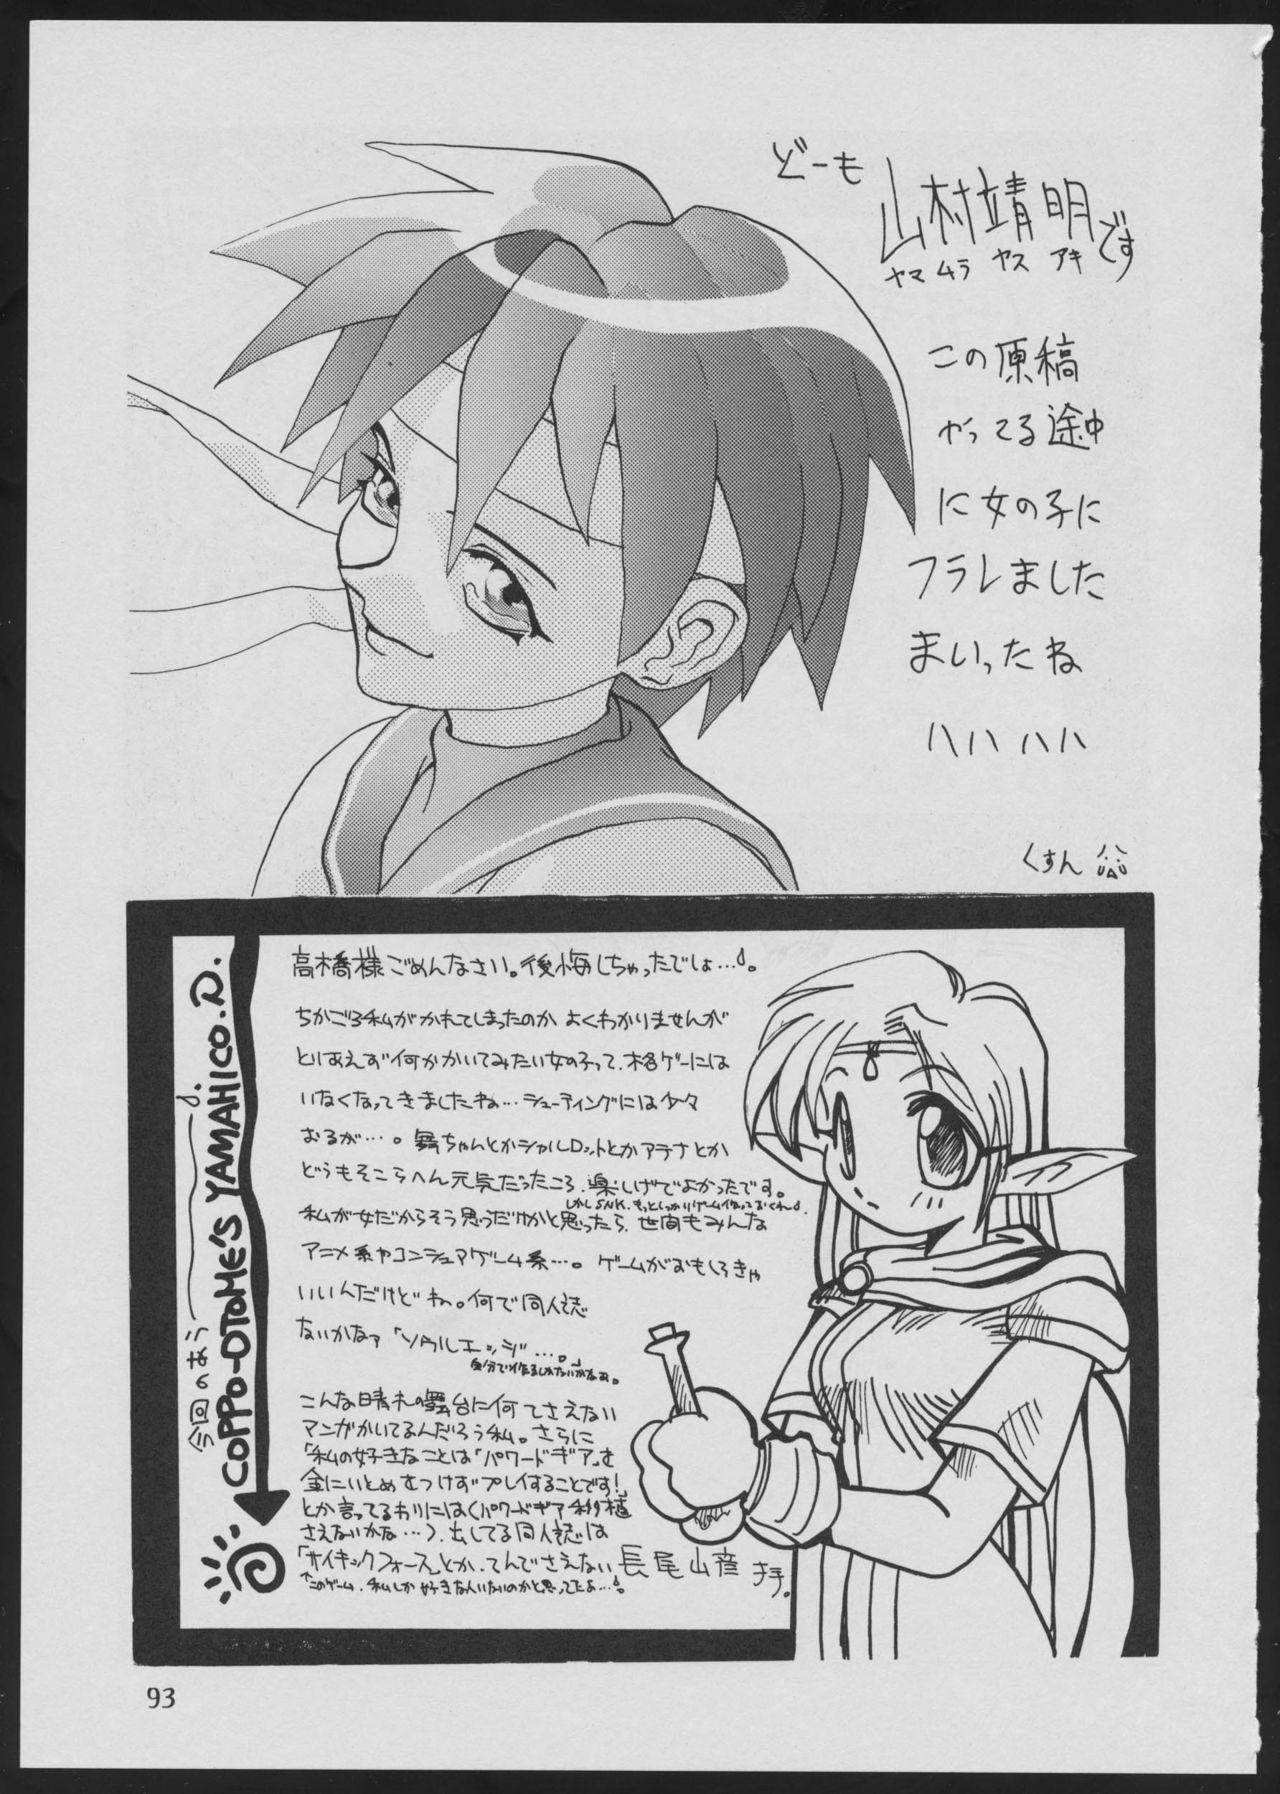 '96 Natsu no Game 18-kin Special 92